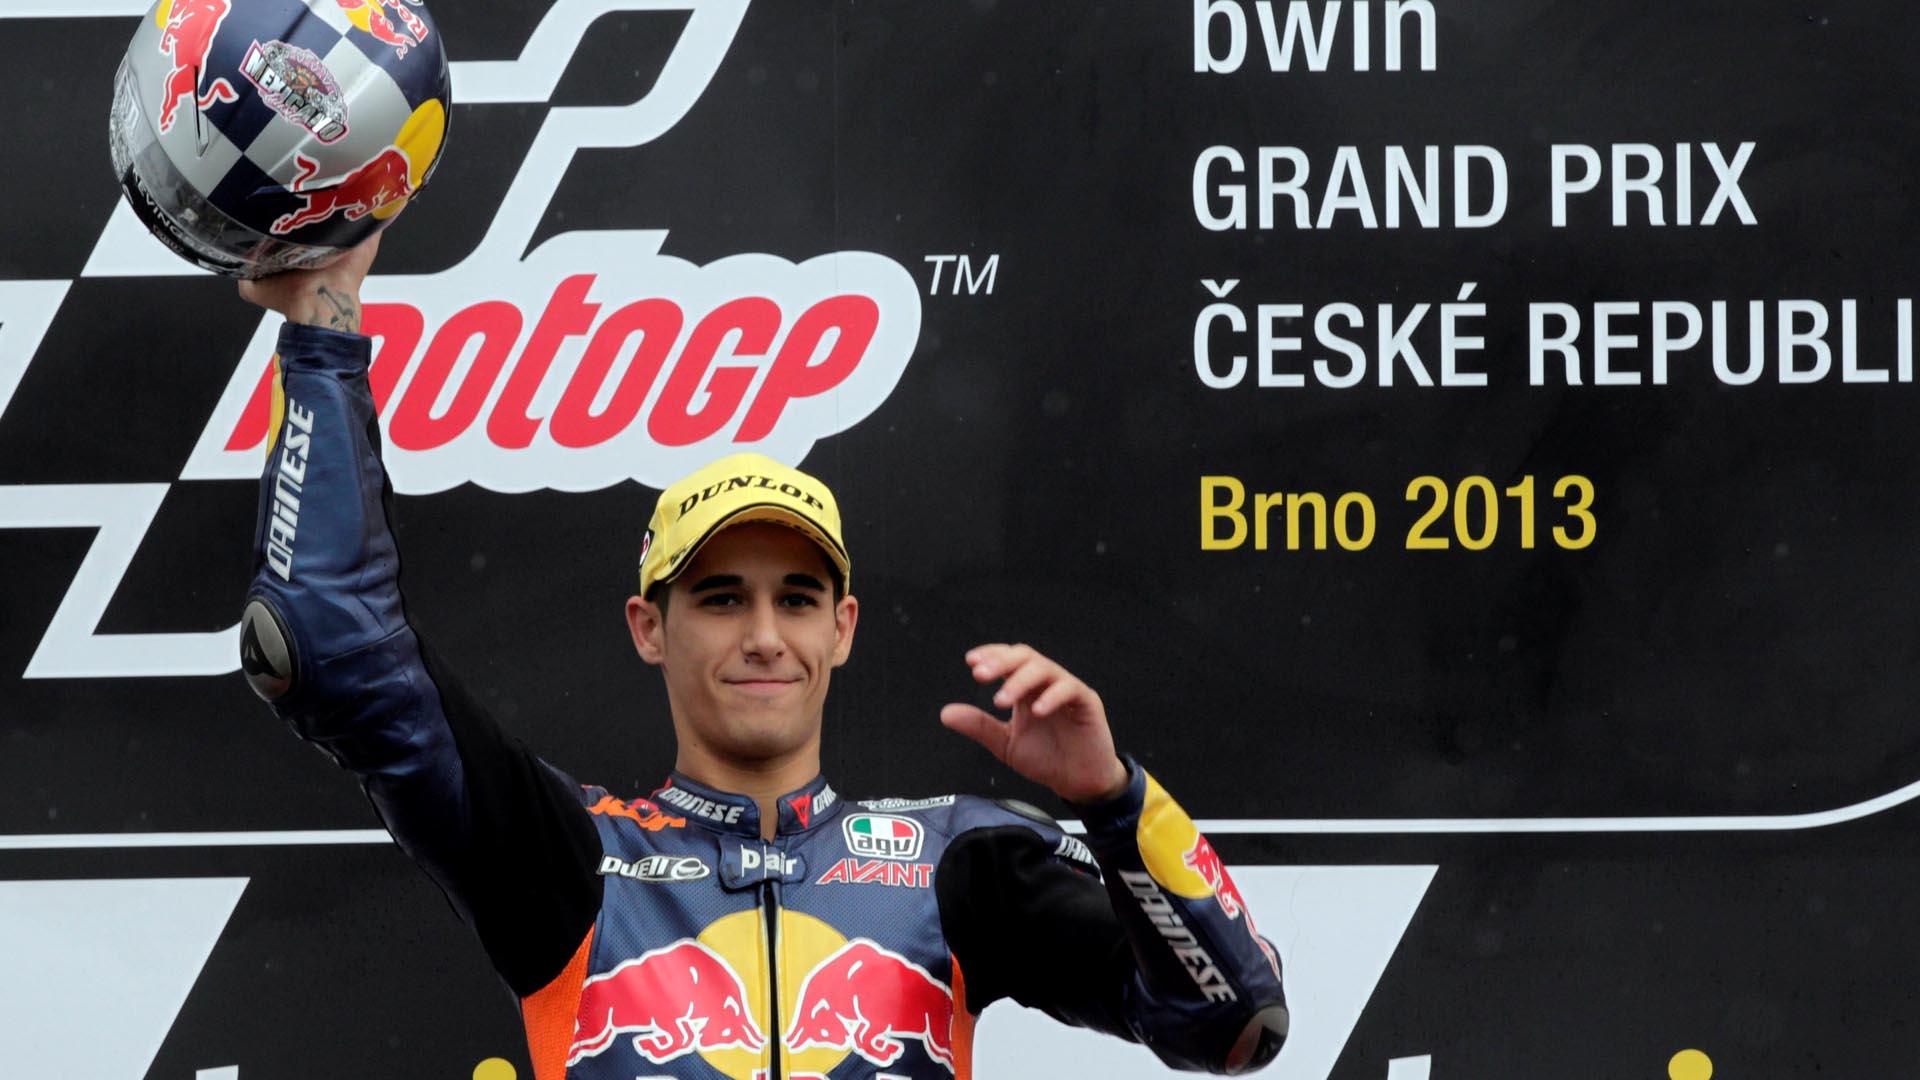 El piloto tuvo una fatal caída durante las prácticas libres del día viernes en el Gran Premio de Cataluña, que acabó con su vida